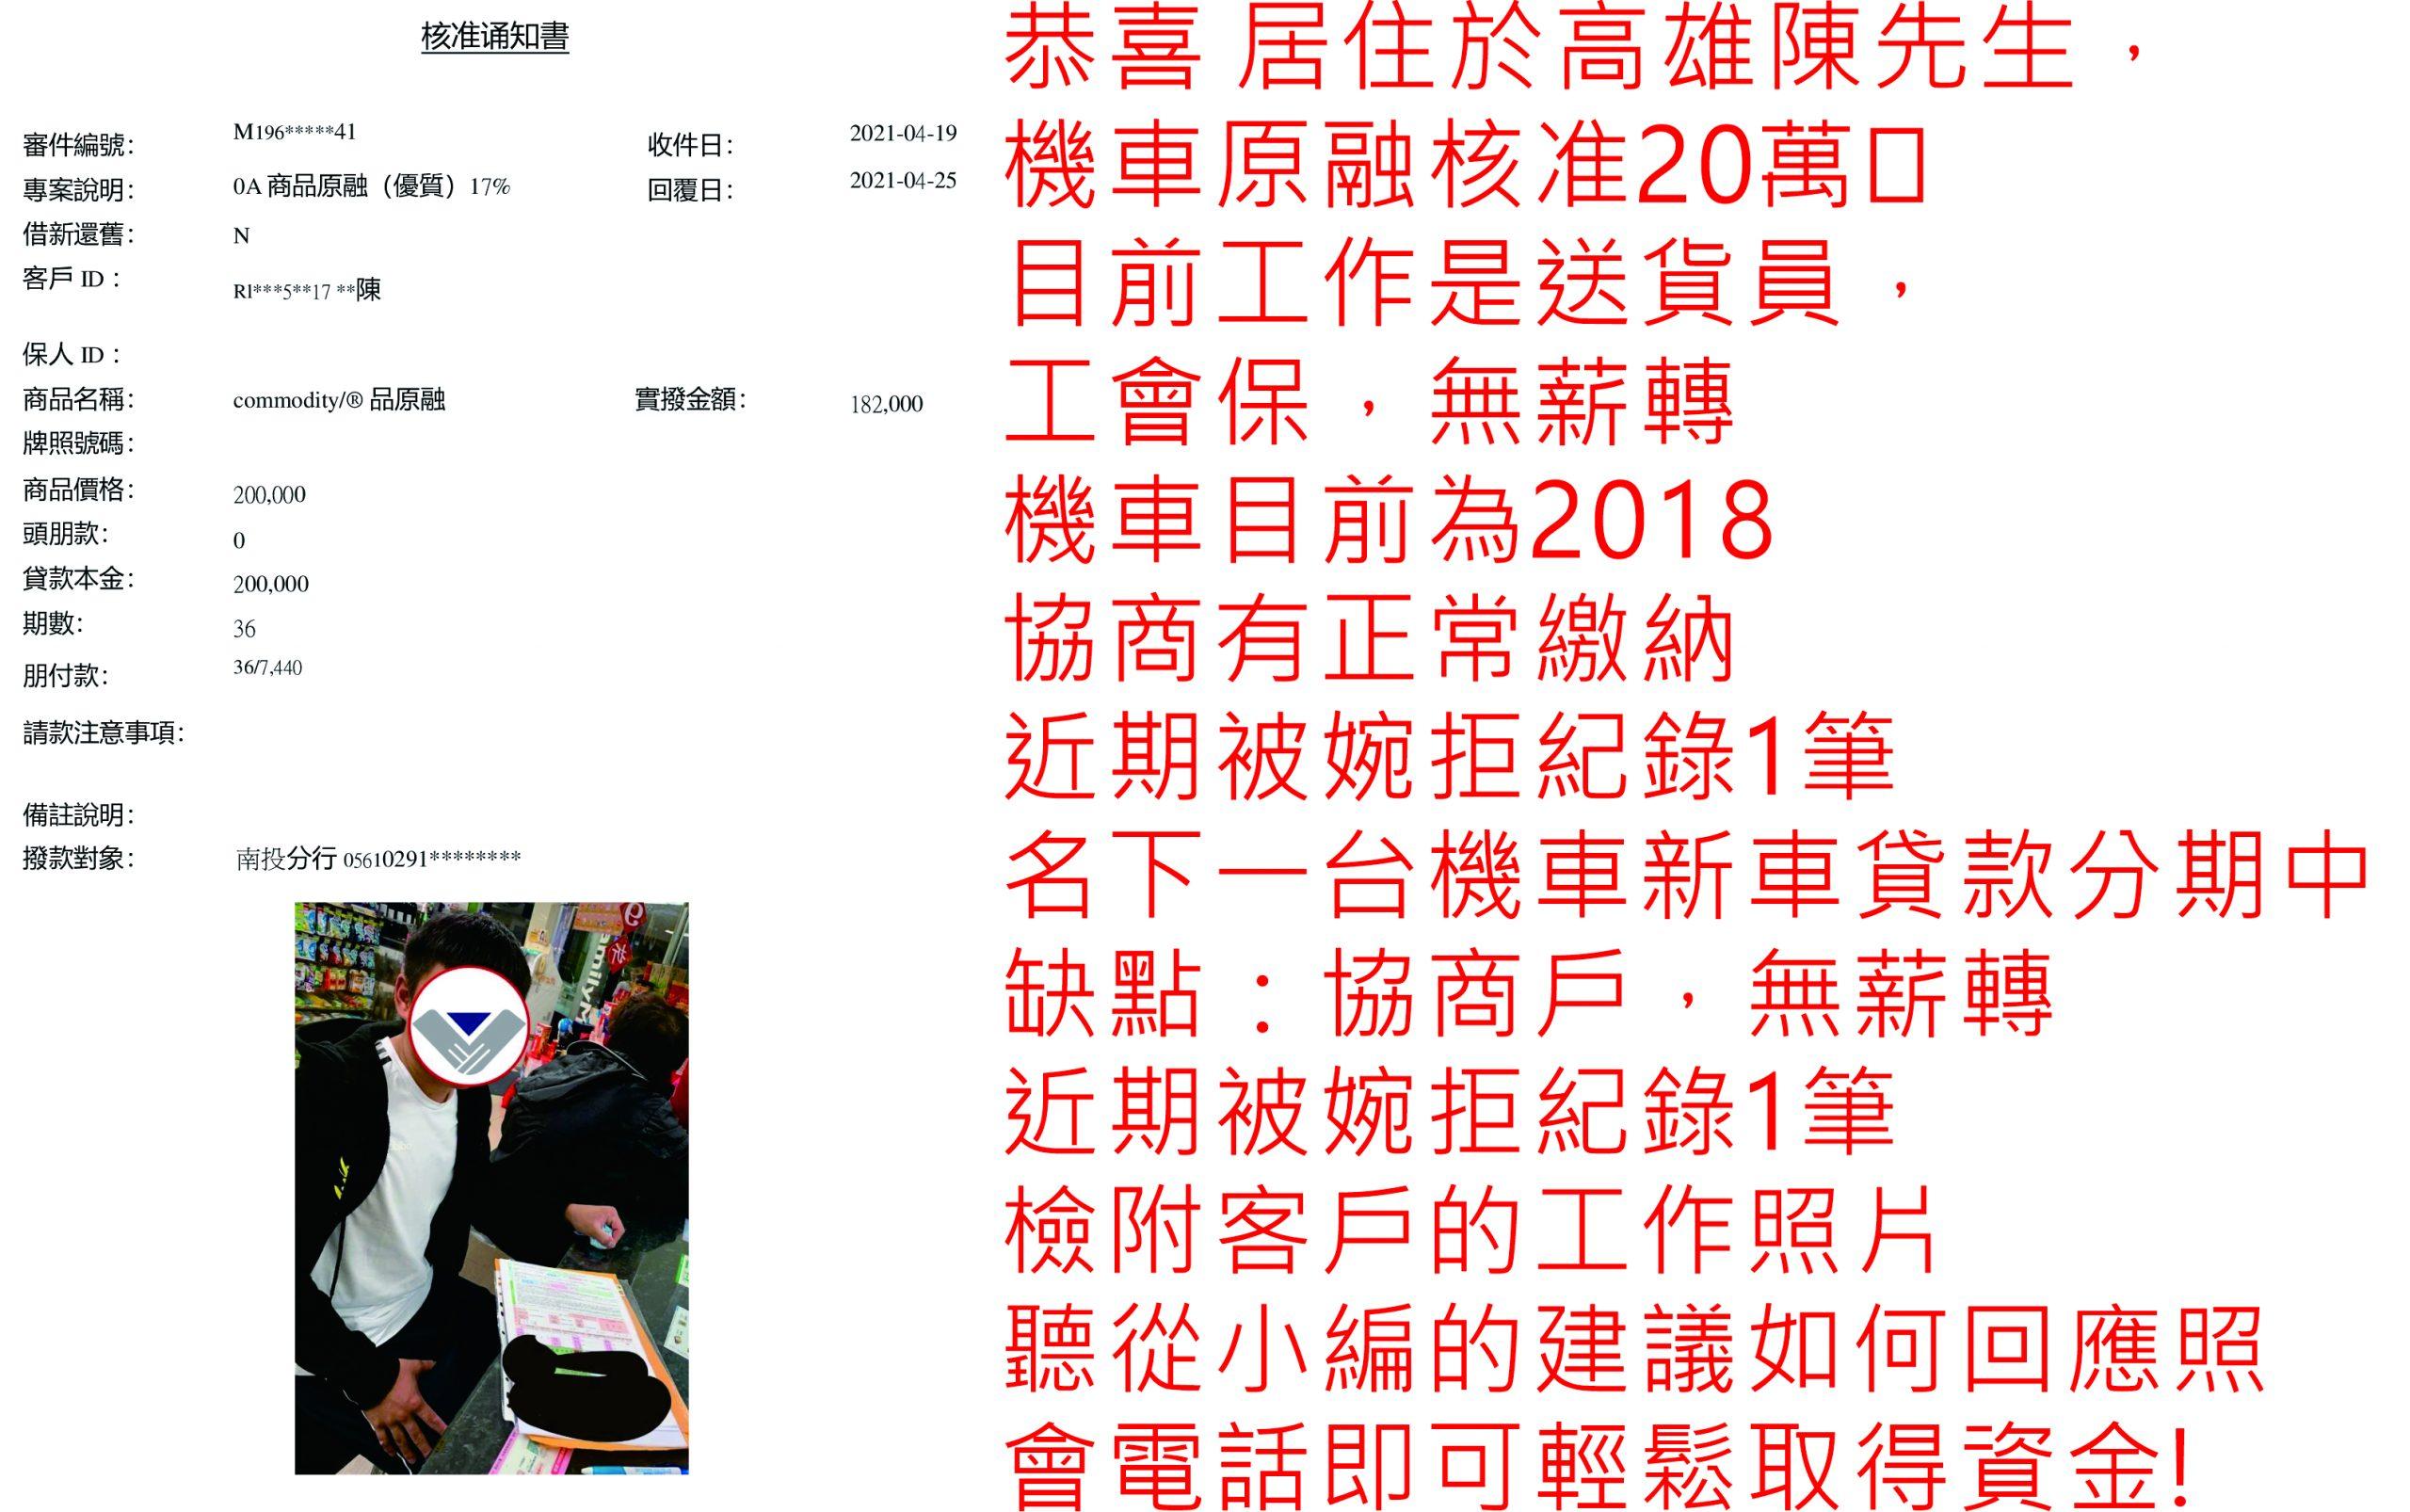 真心相貸機車貸款服務案例-高雄陳先生核貸20萬元